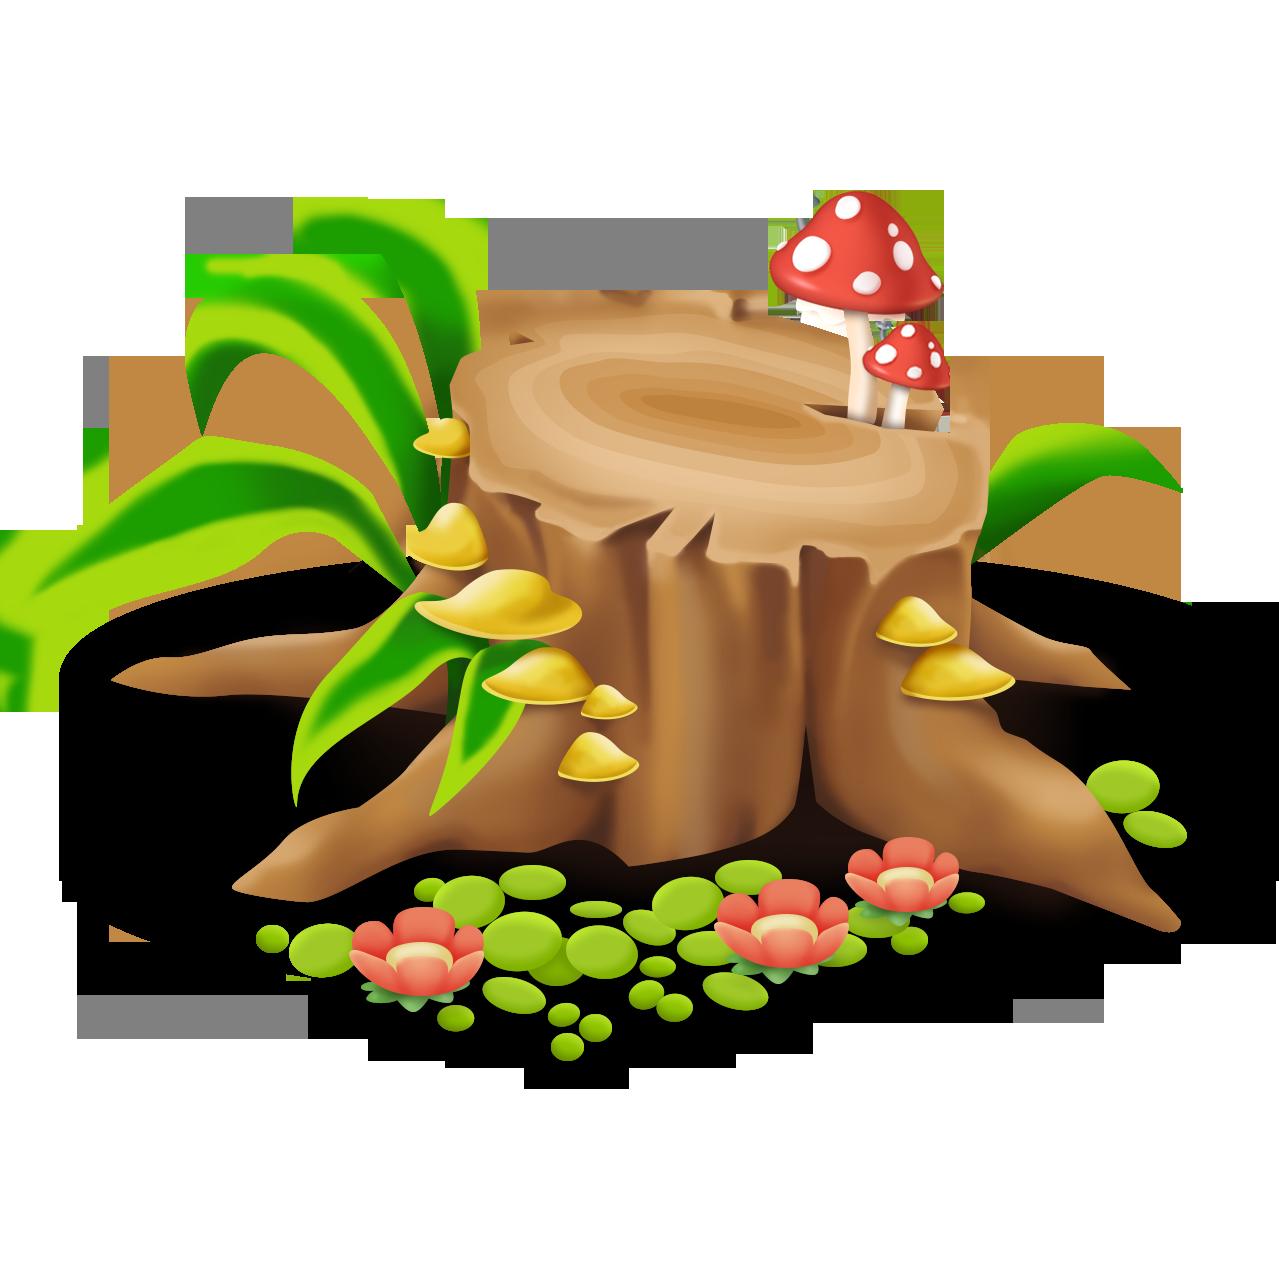 Image log png hay. Mushroom clipart mushroom tree